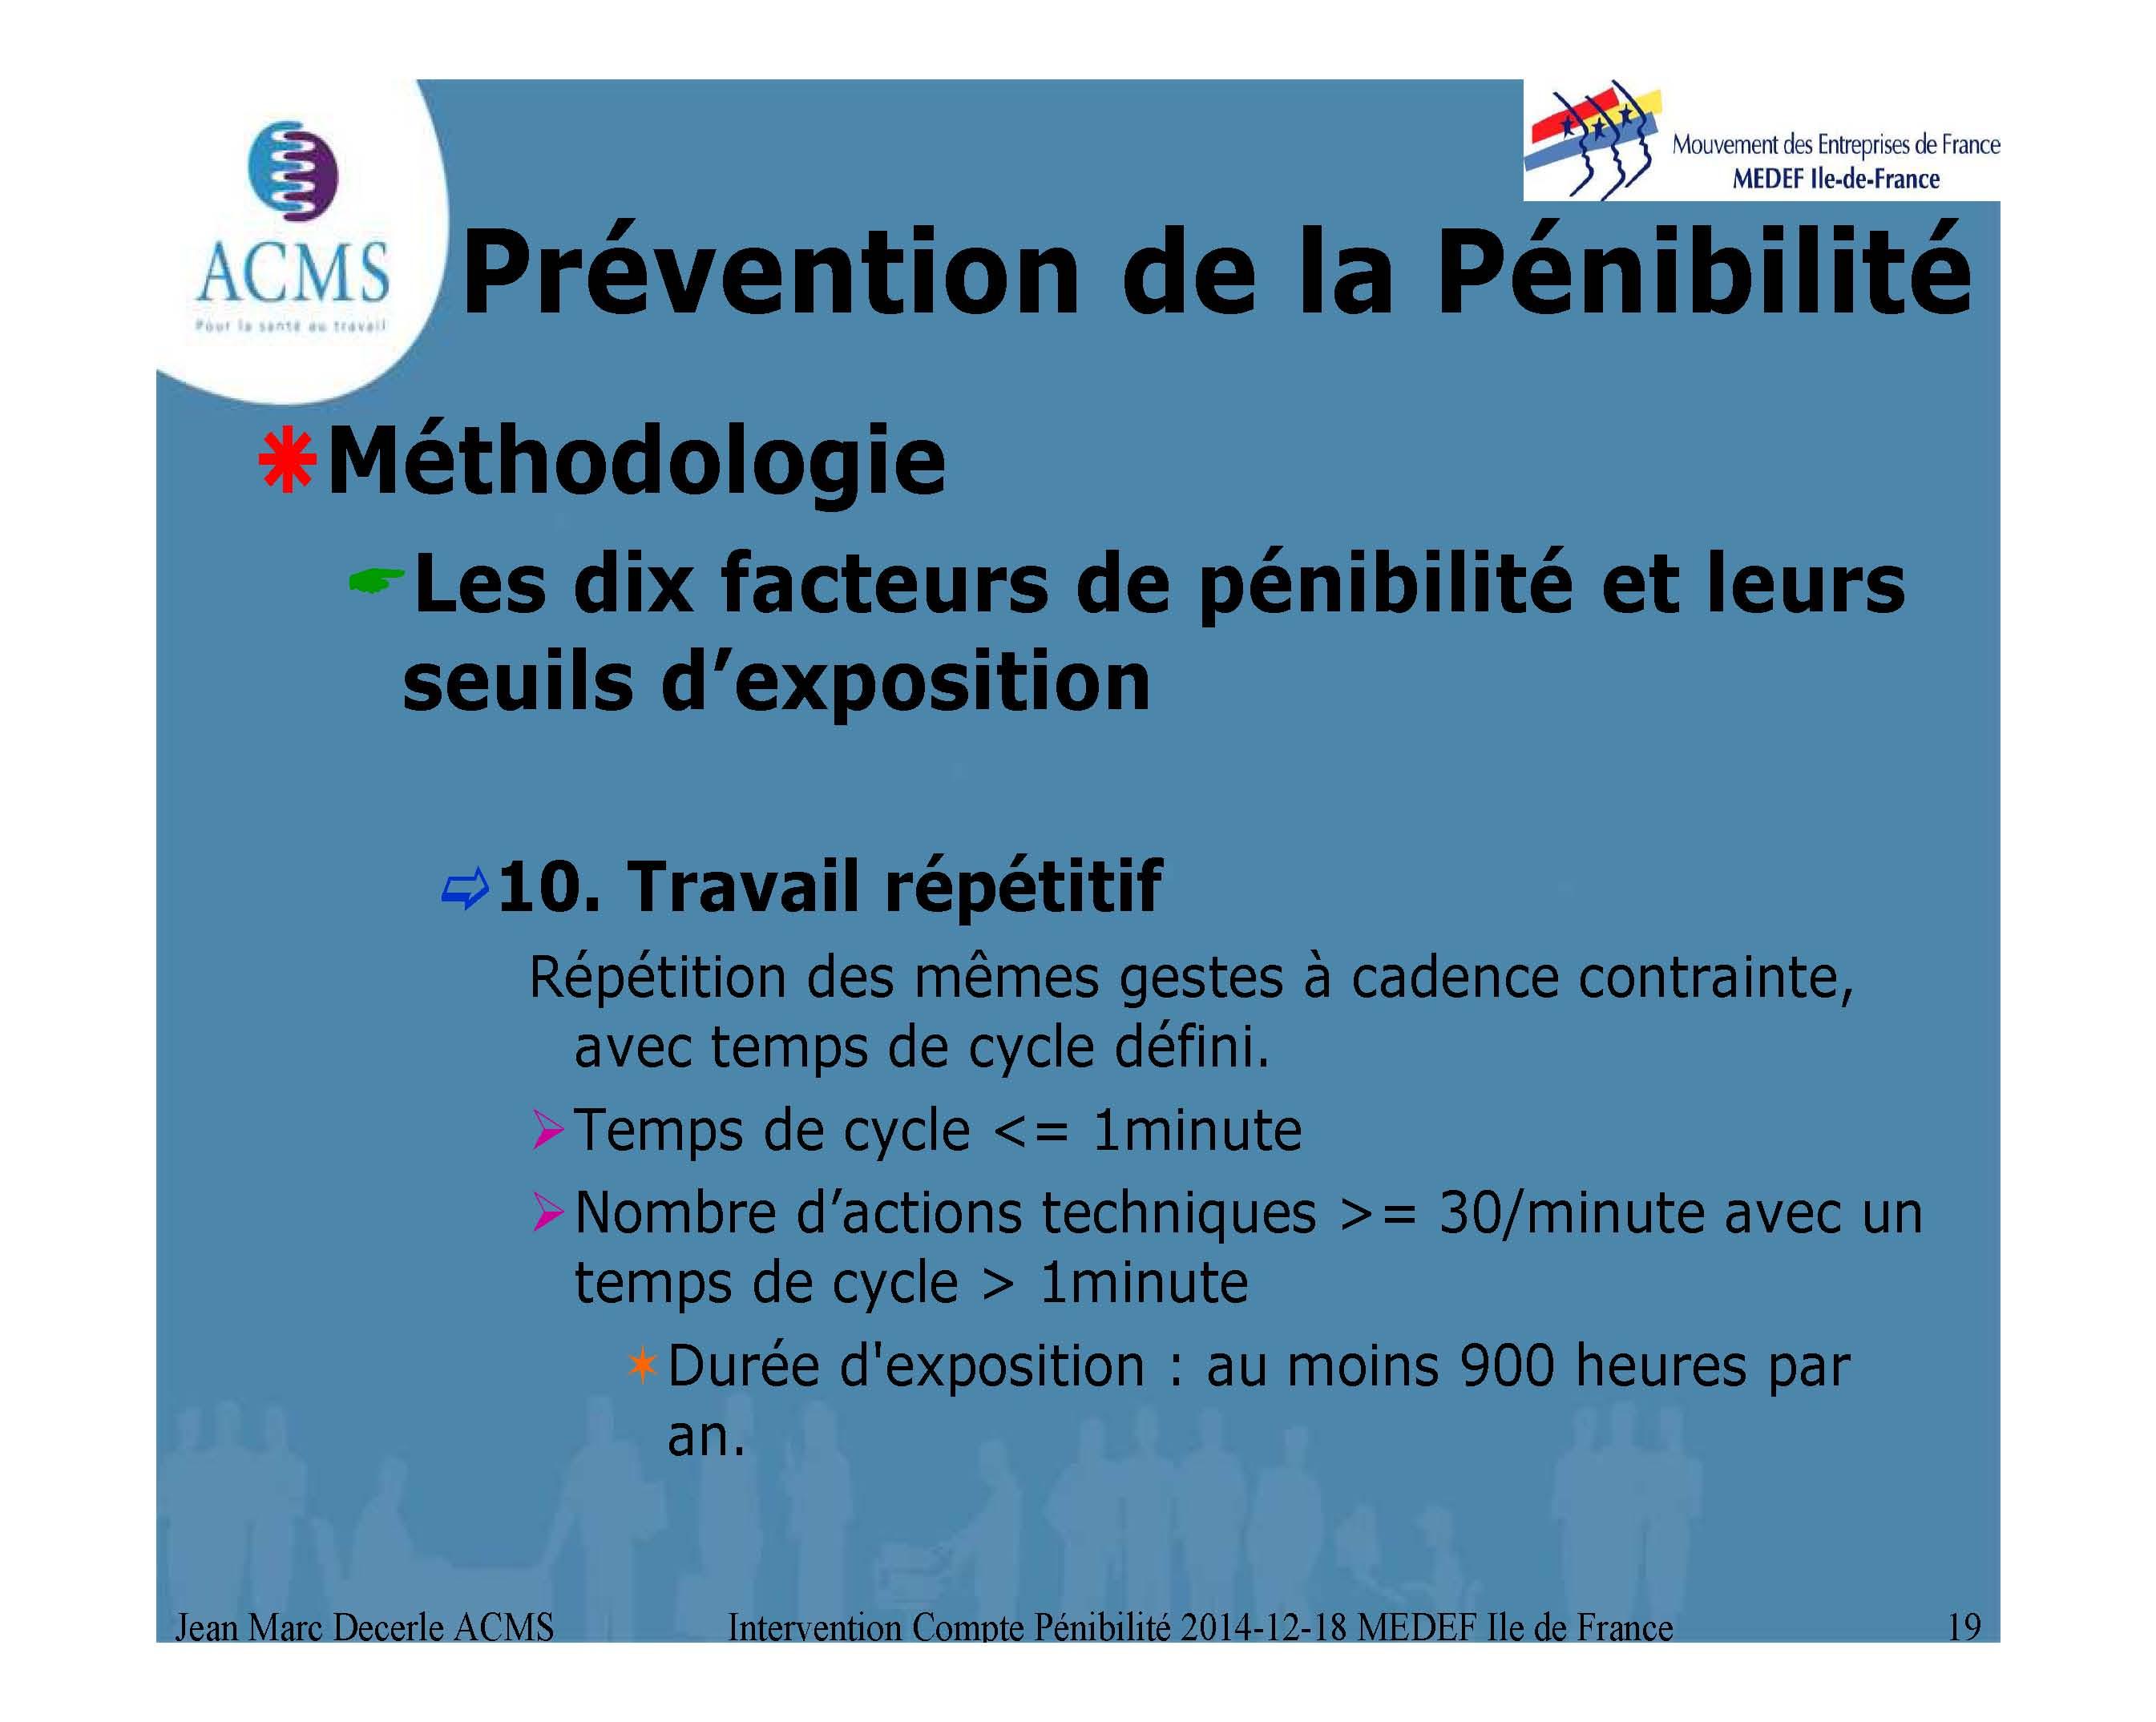 2014-12-18 Compte Pénibilite MEDEF Ile de France_Page_19